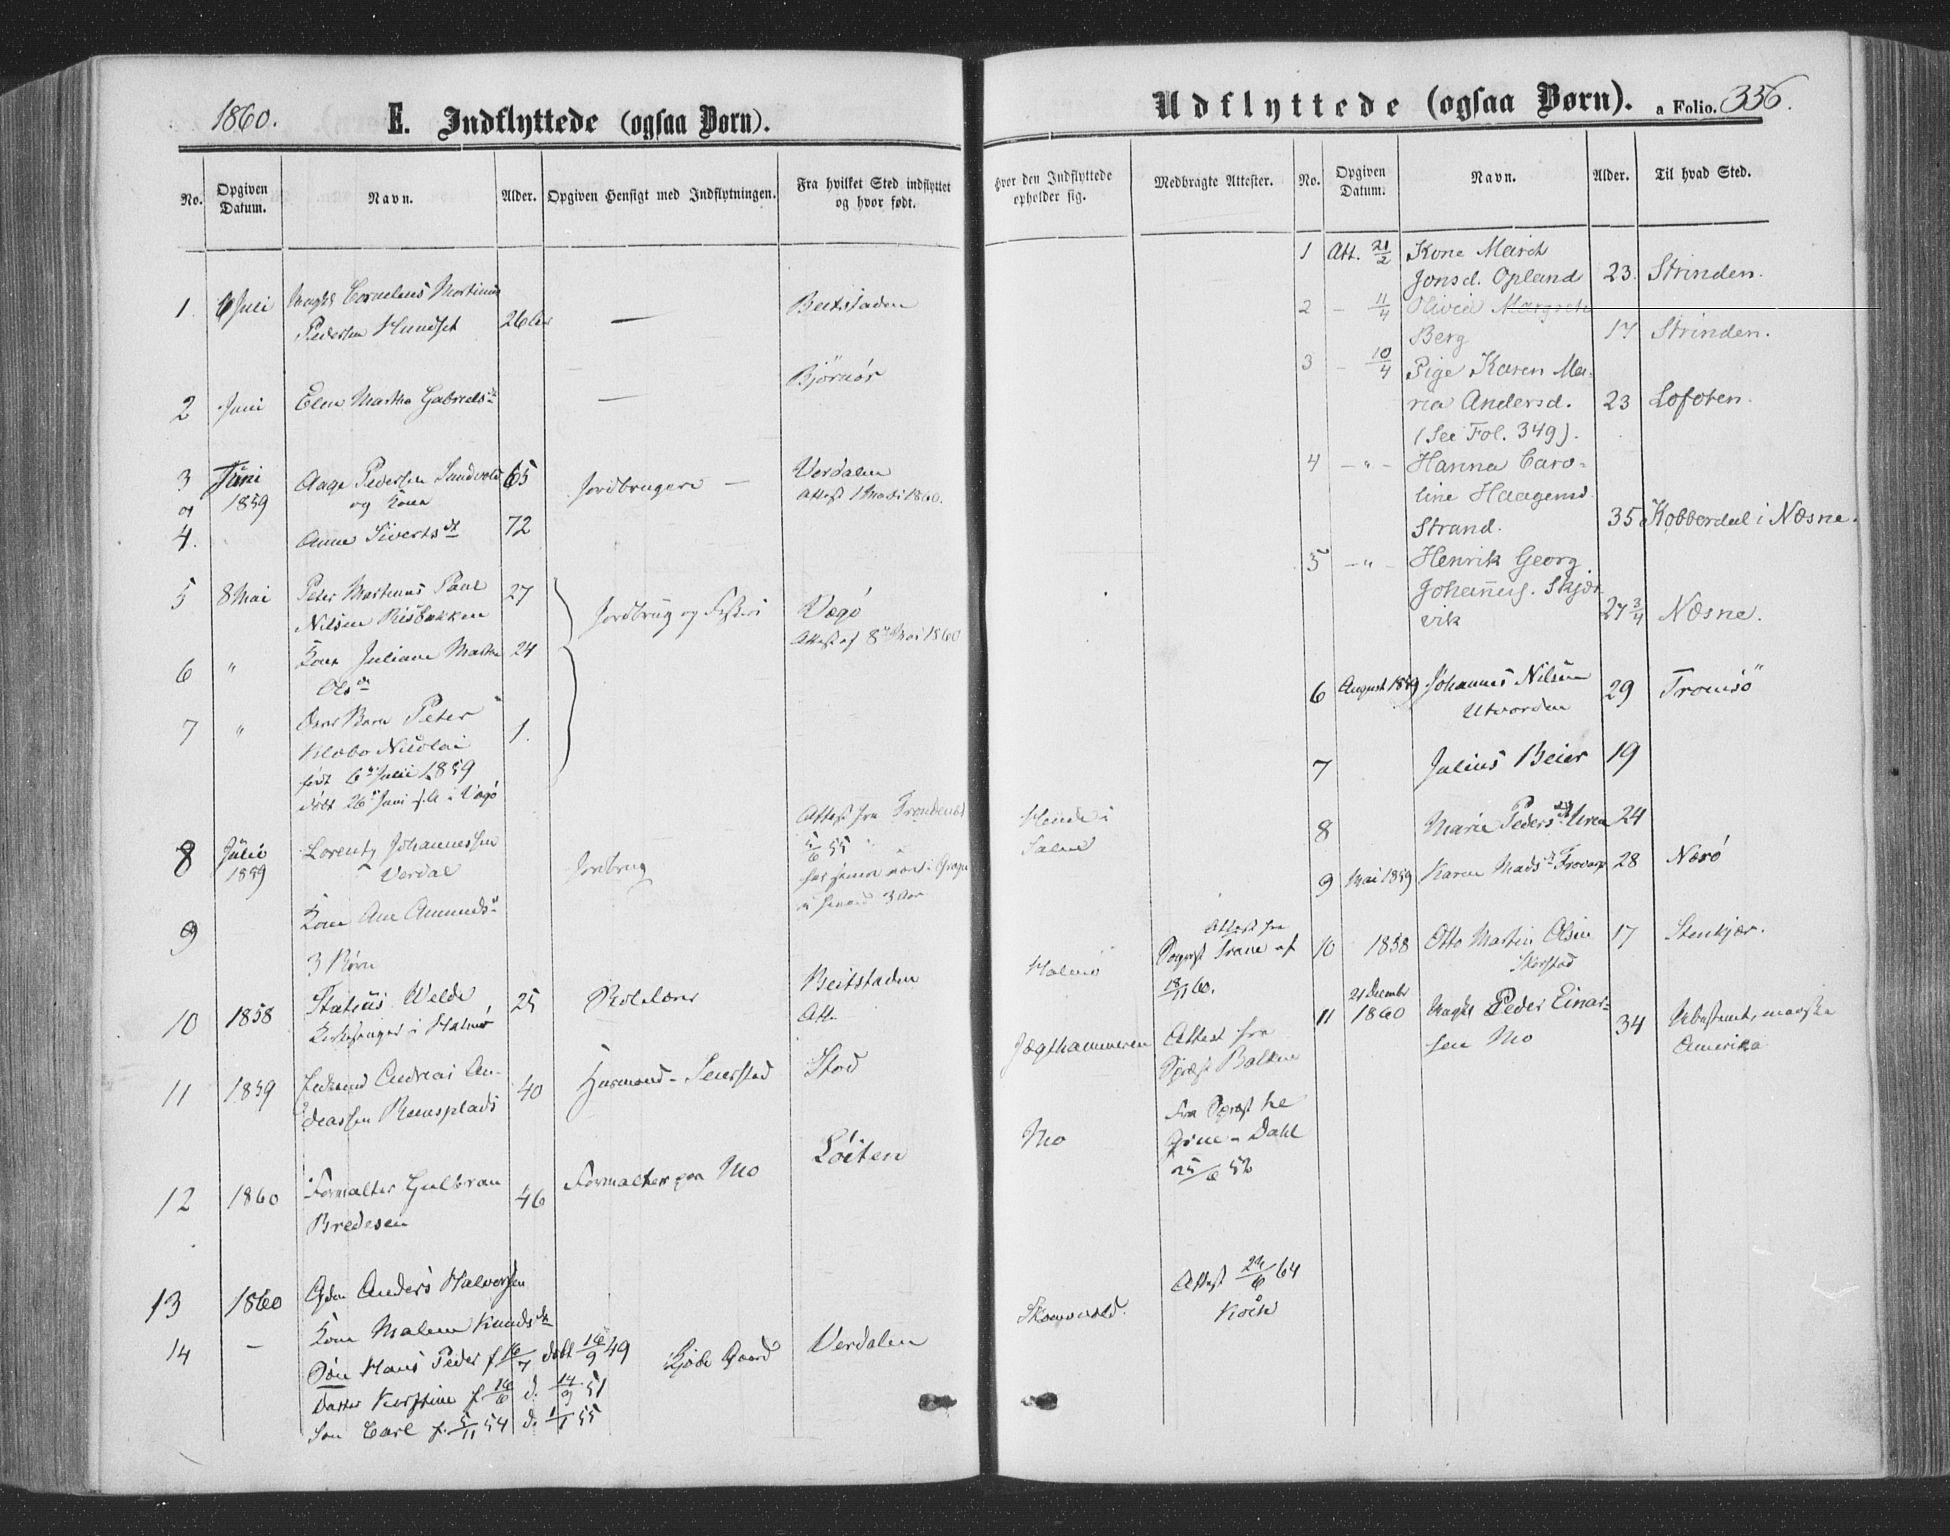 SAT, Ministerialprotokoller, klokkerbøker og fødselsregistre - Nord-Trøndelag, 773/L0615: Ministerialbok nr. 773A06, 1857-1870, s. 356